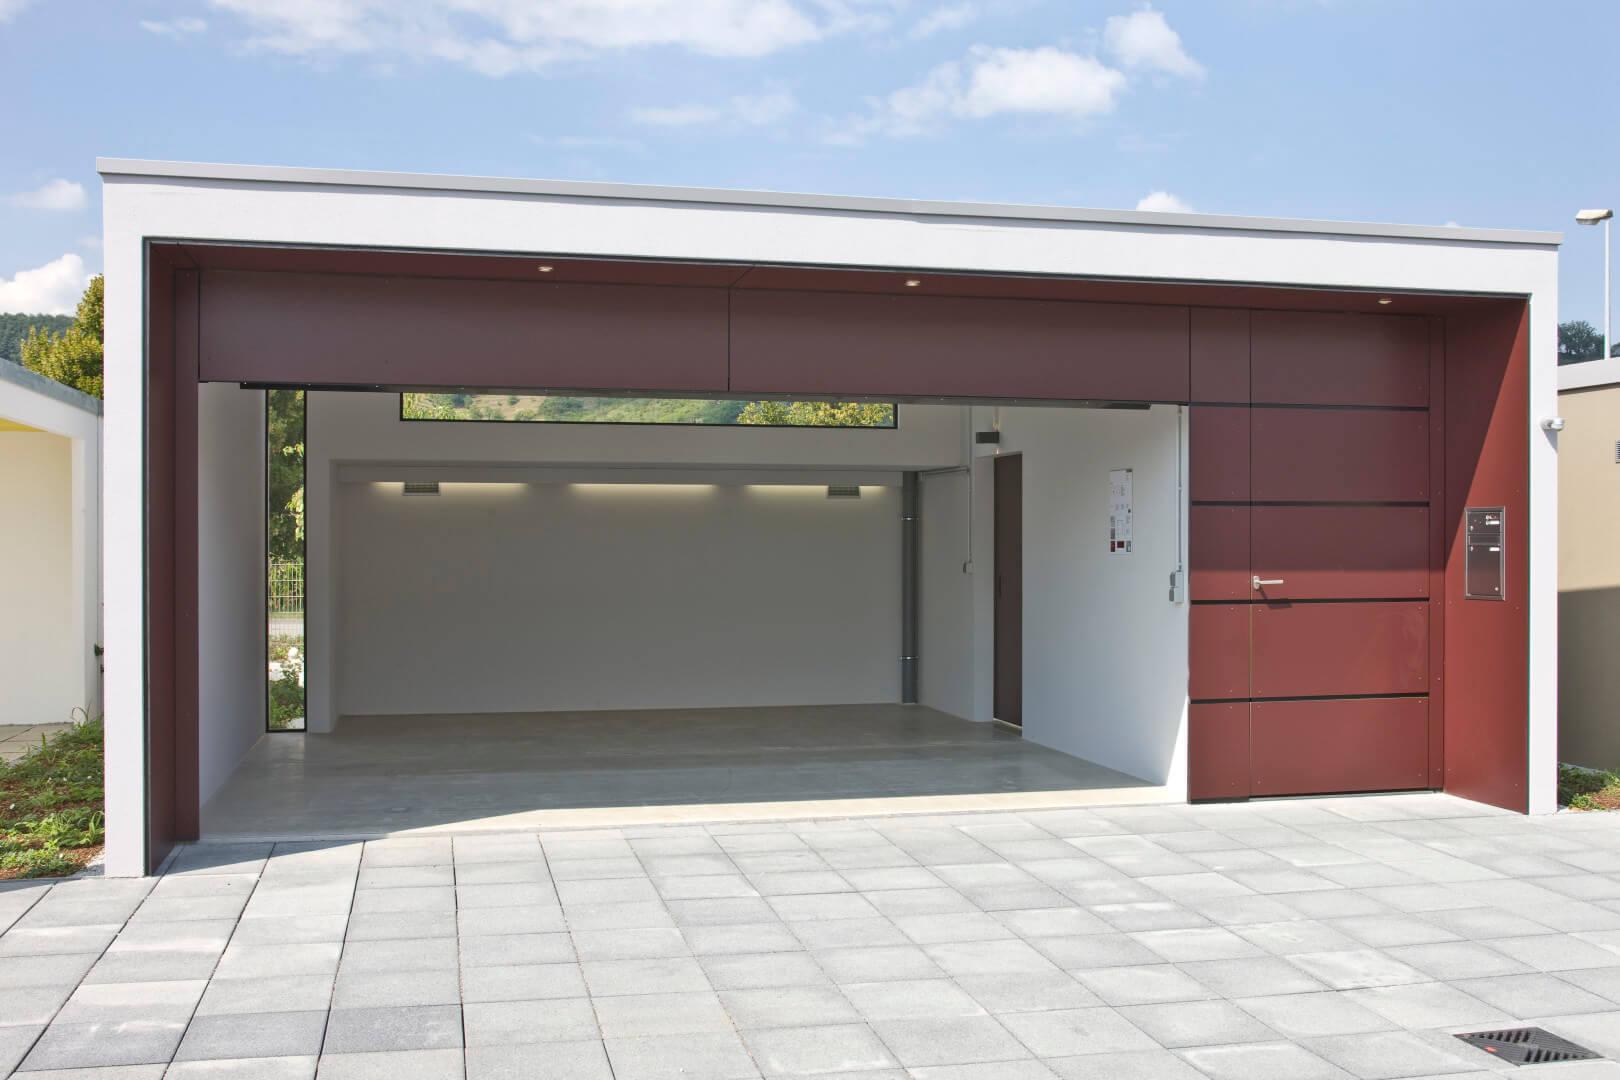 Doppelgarage mit abstellraum maße  Maß-Fertiggaragen von Beton Kemmler